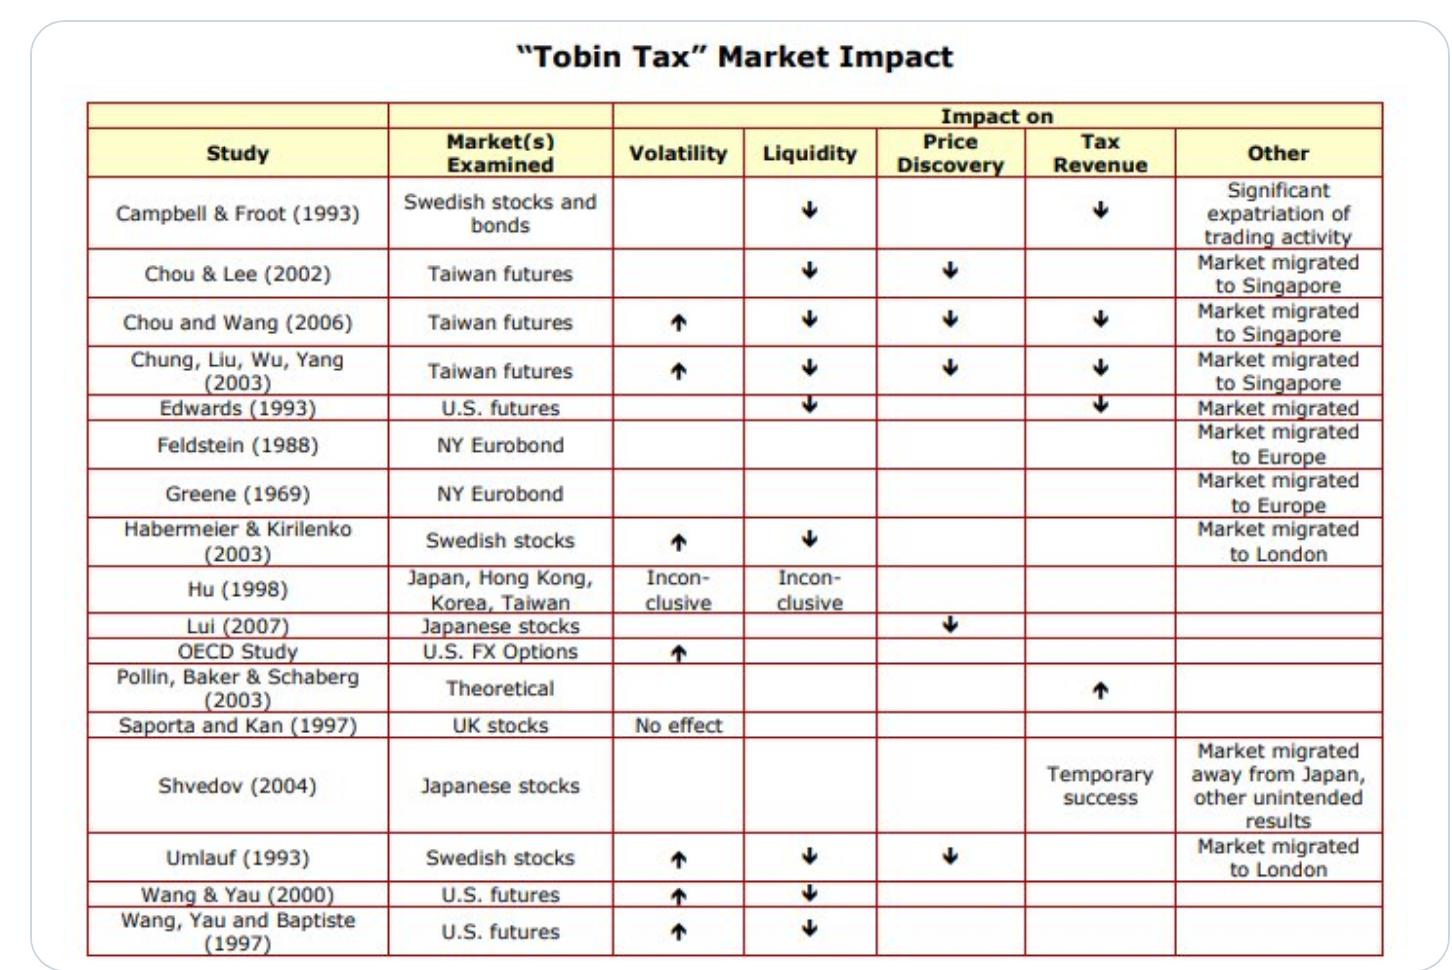 Tobin Tax Market Impact